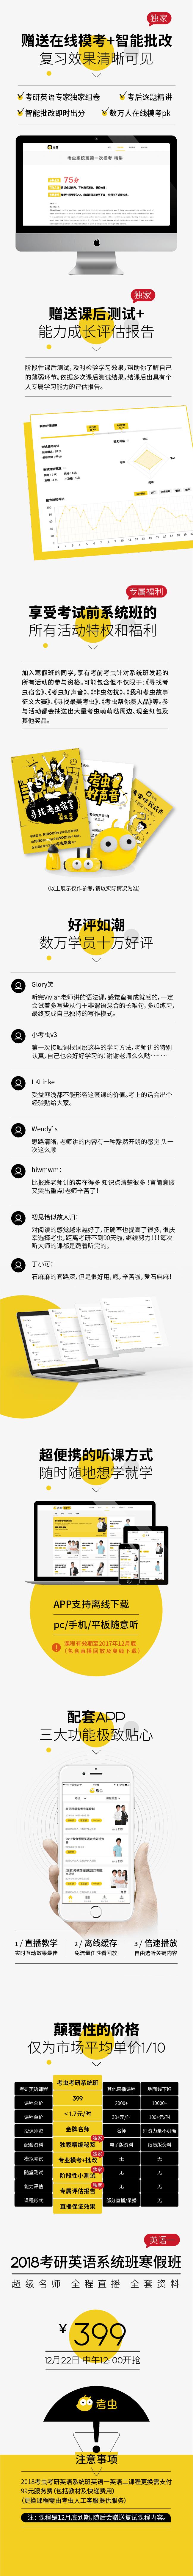 考研寒假班英语一-02.png